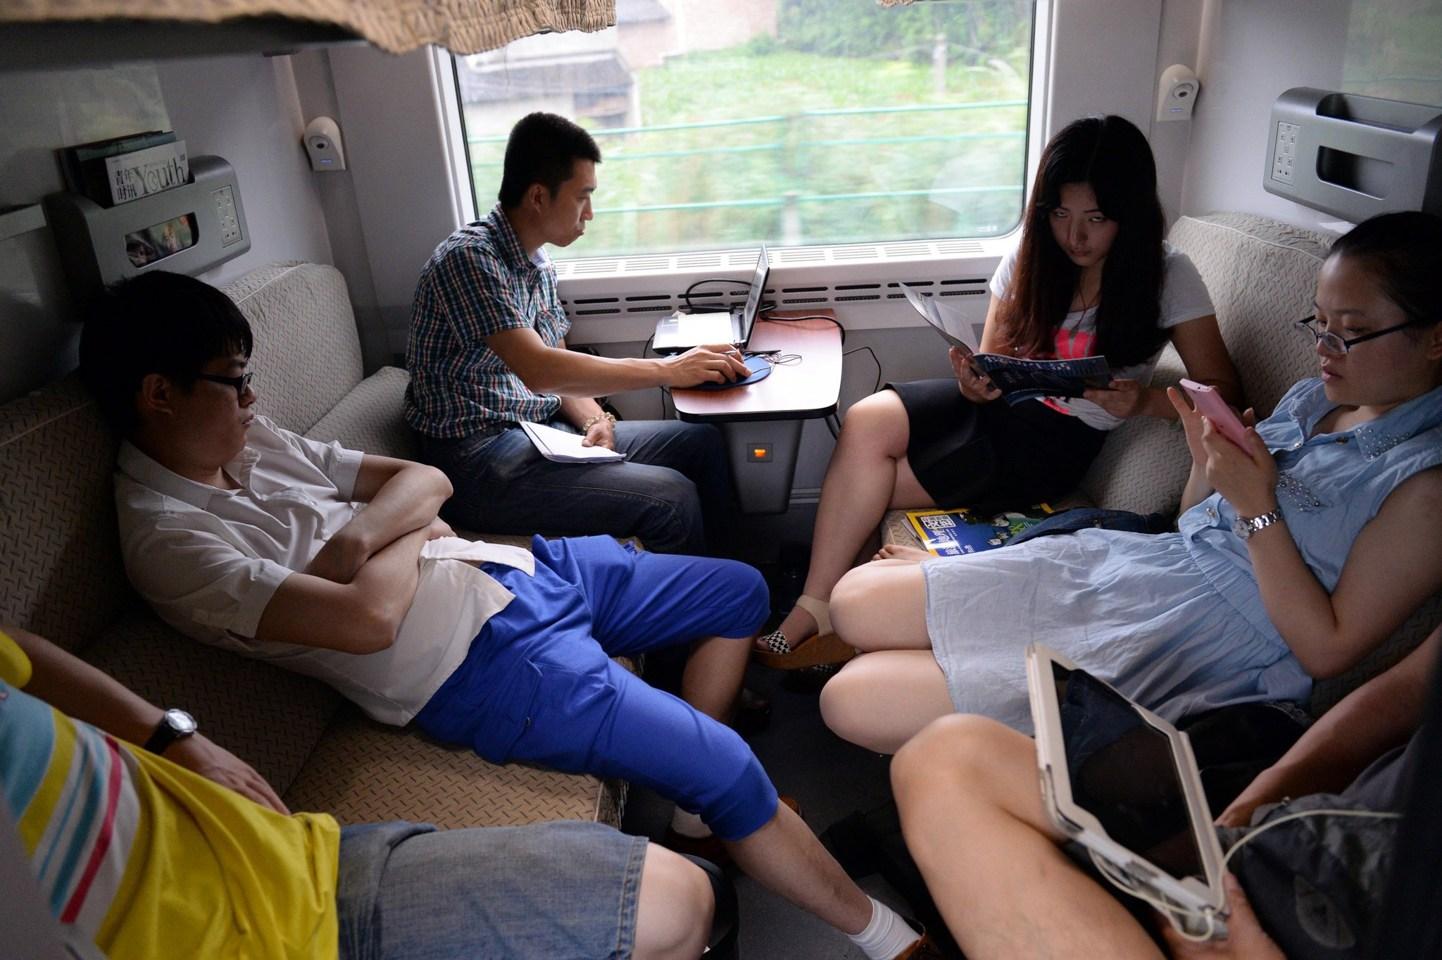 火车高级软卧图片 31火车高级软卧 火车高级软卧图片图片